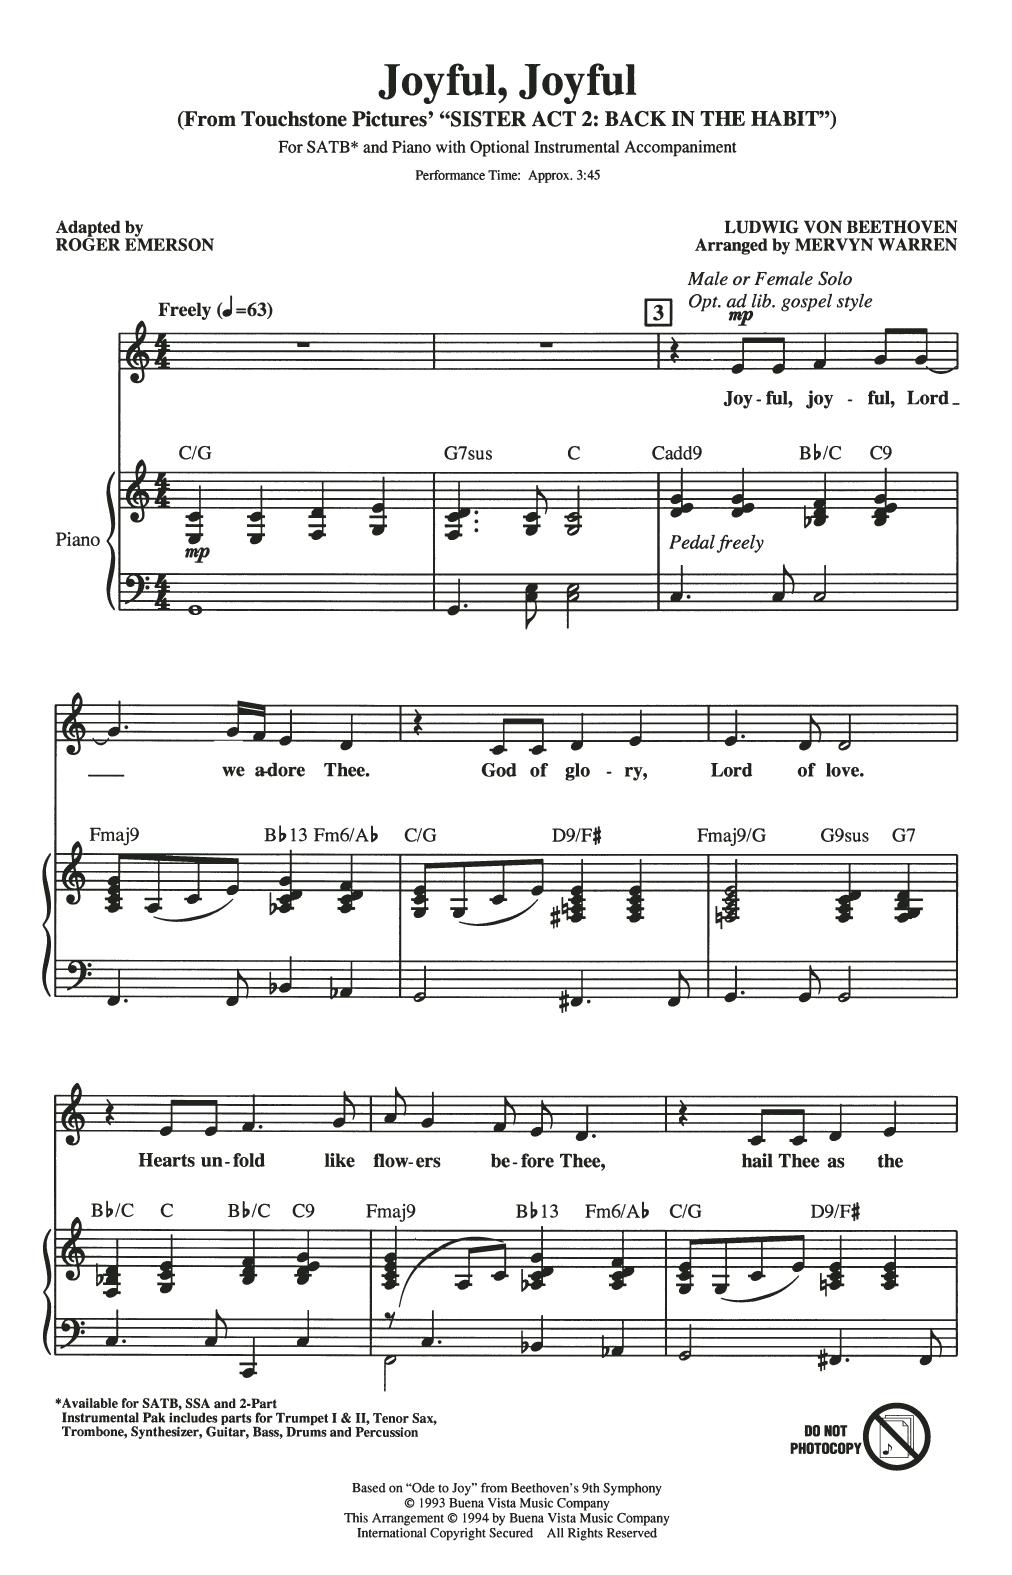 Mervyn Warren Joyful, Joyful (from Sister Act 2) (arr. Roger Emerson) sheet music notes and chords